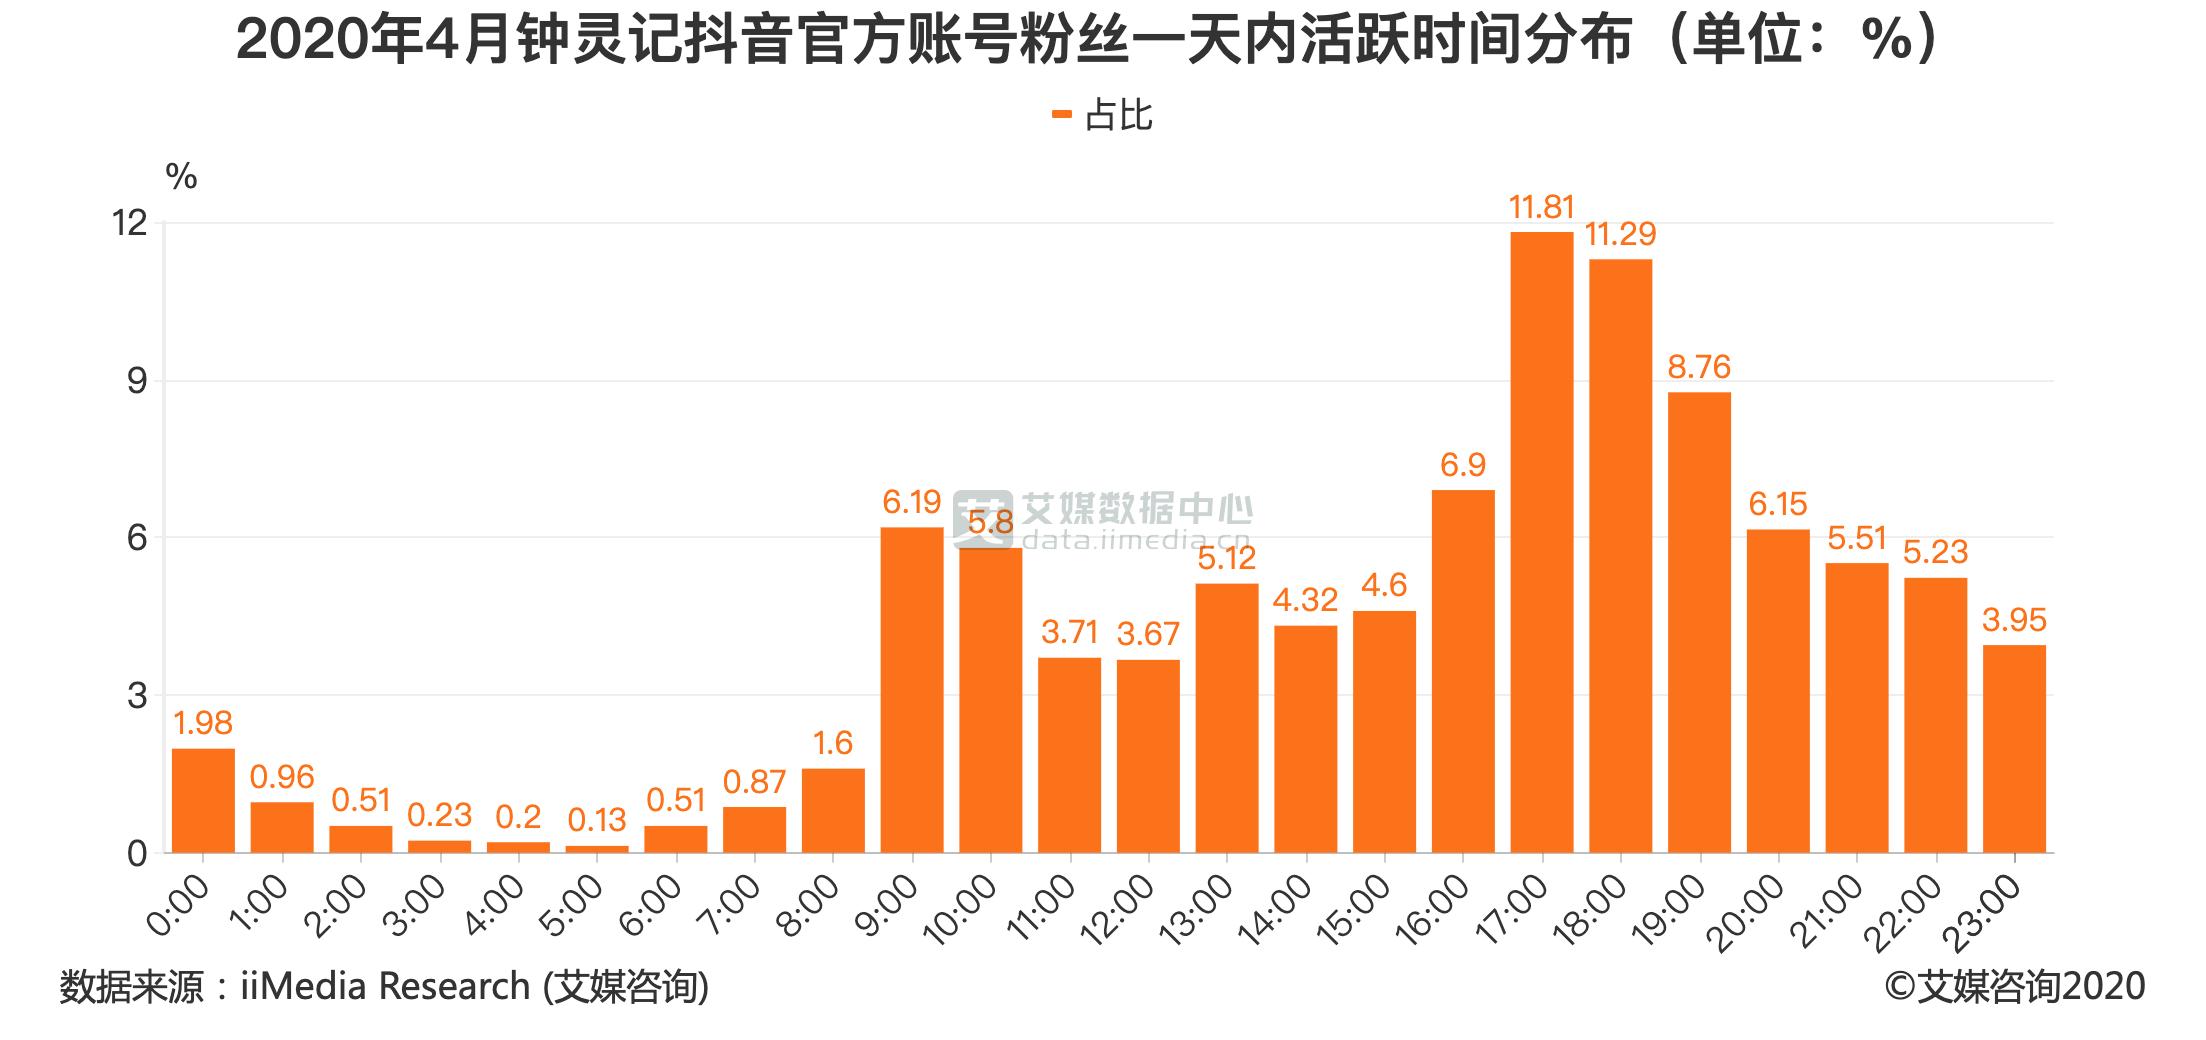 2020年4月钟灵记抖音官方账号粉丝一天内活跃时间分布(单位:%)